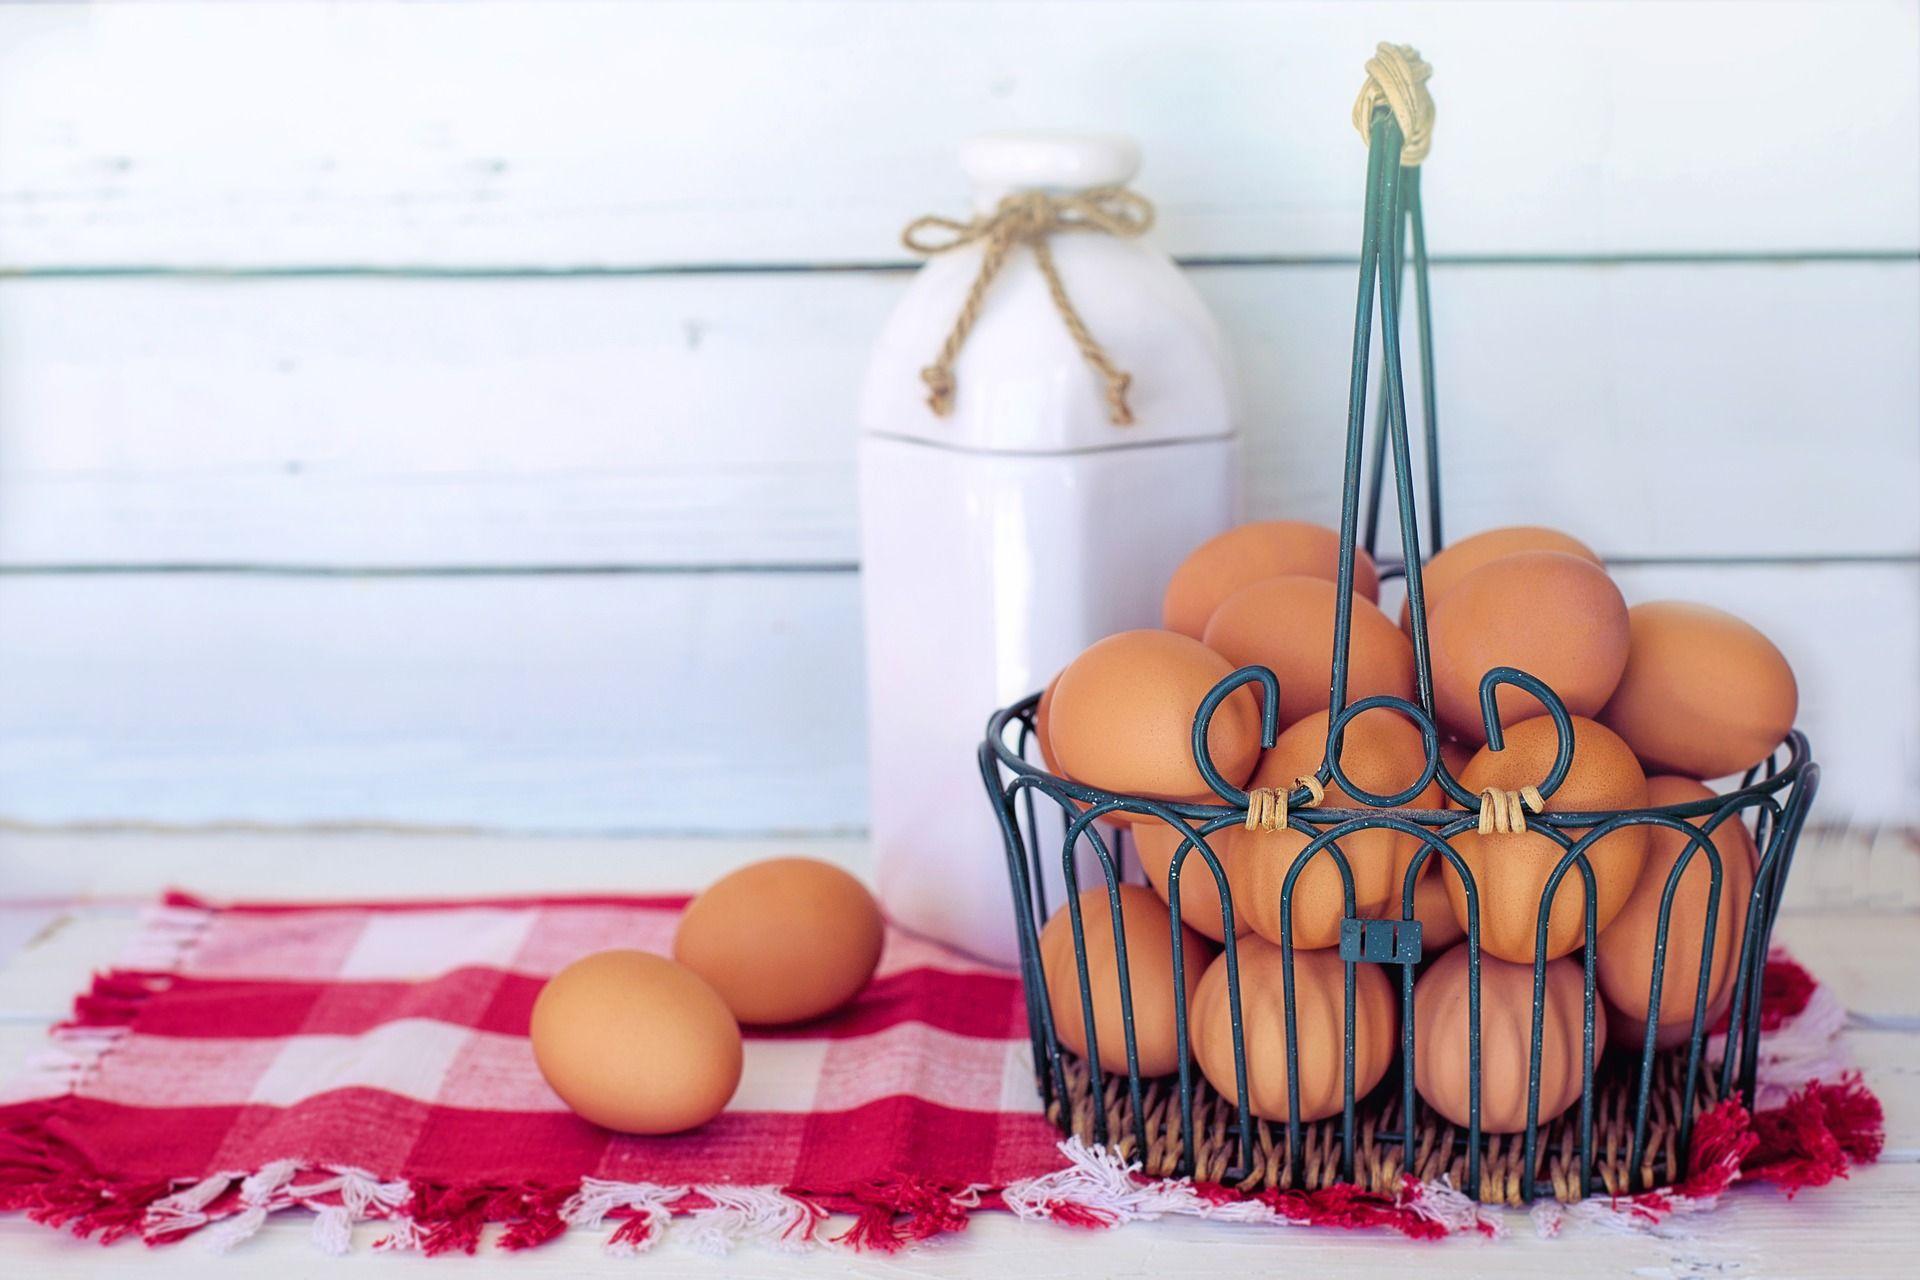 Venta de huevos para hostelería y particulares